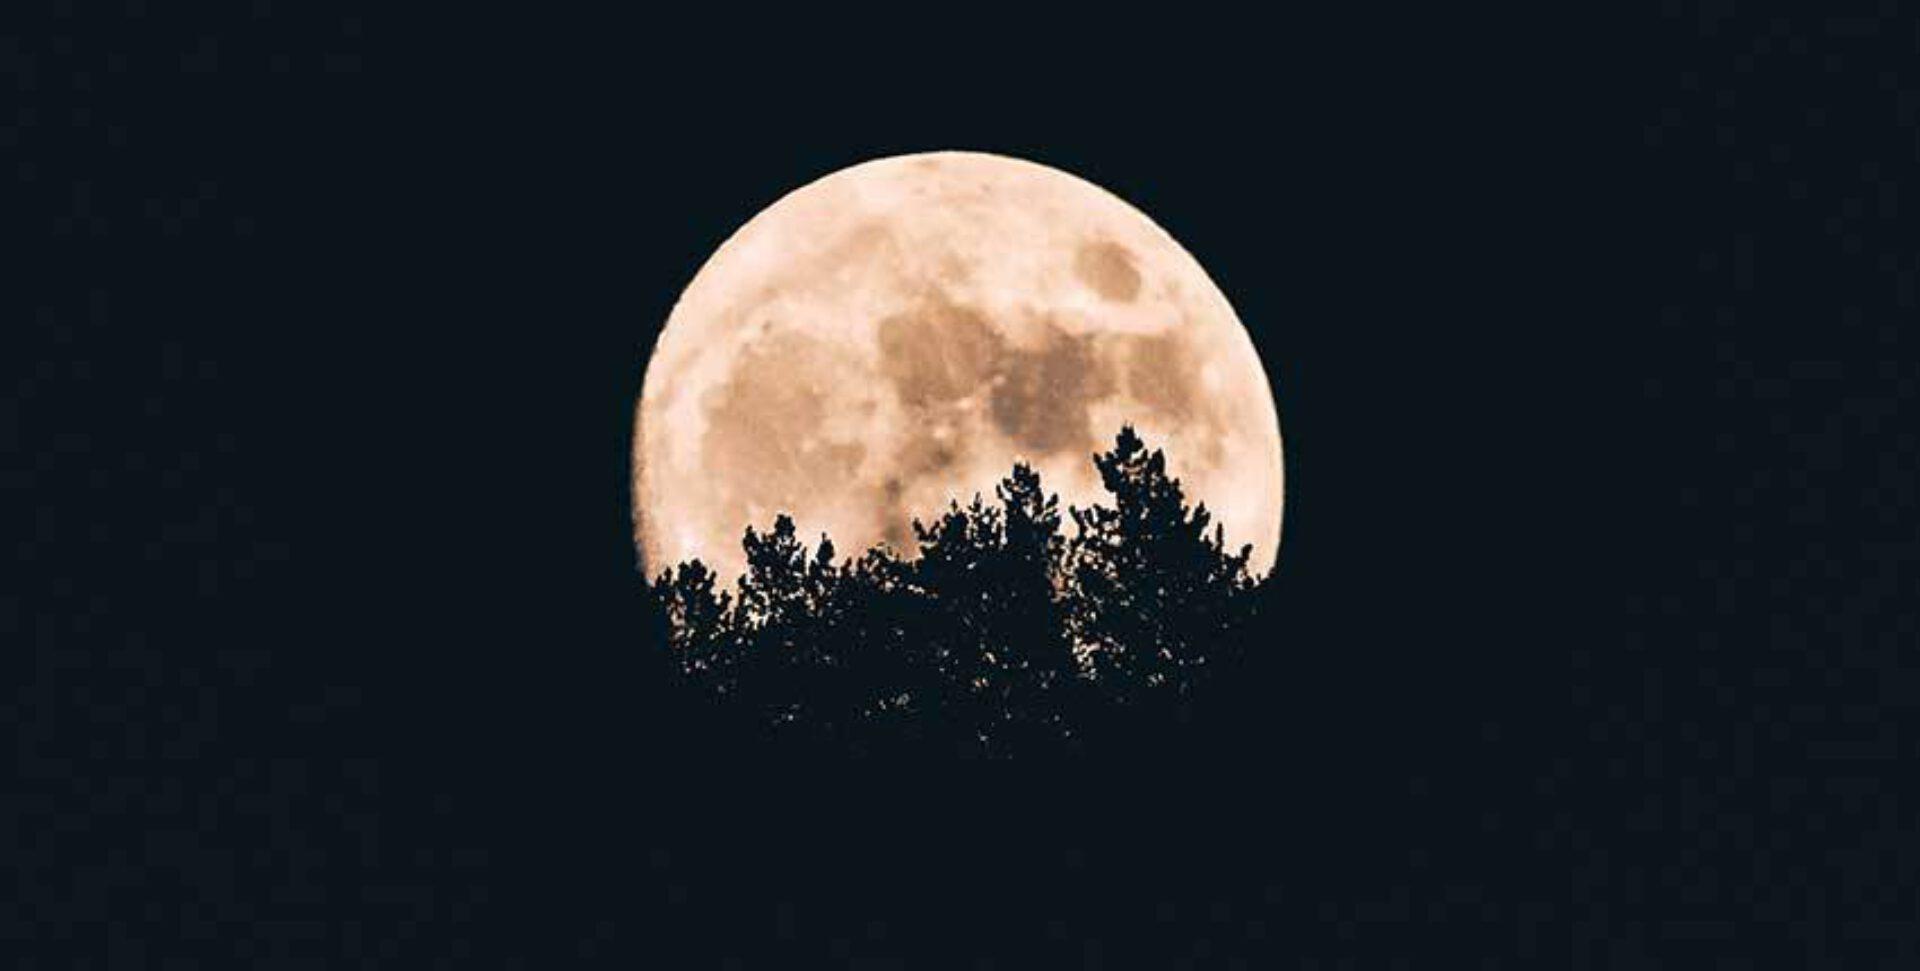 Het pad van de maan – hoe gaat een moderne heks om met deze onzekere tijden?